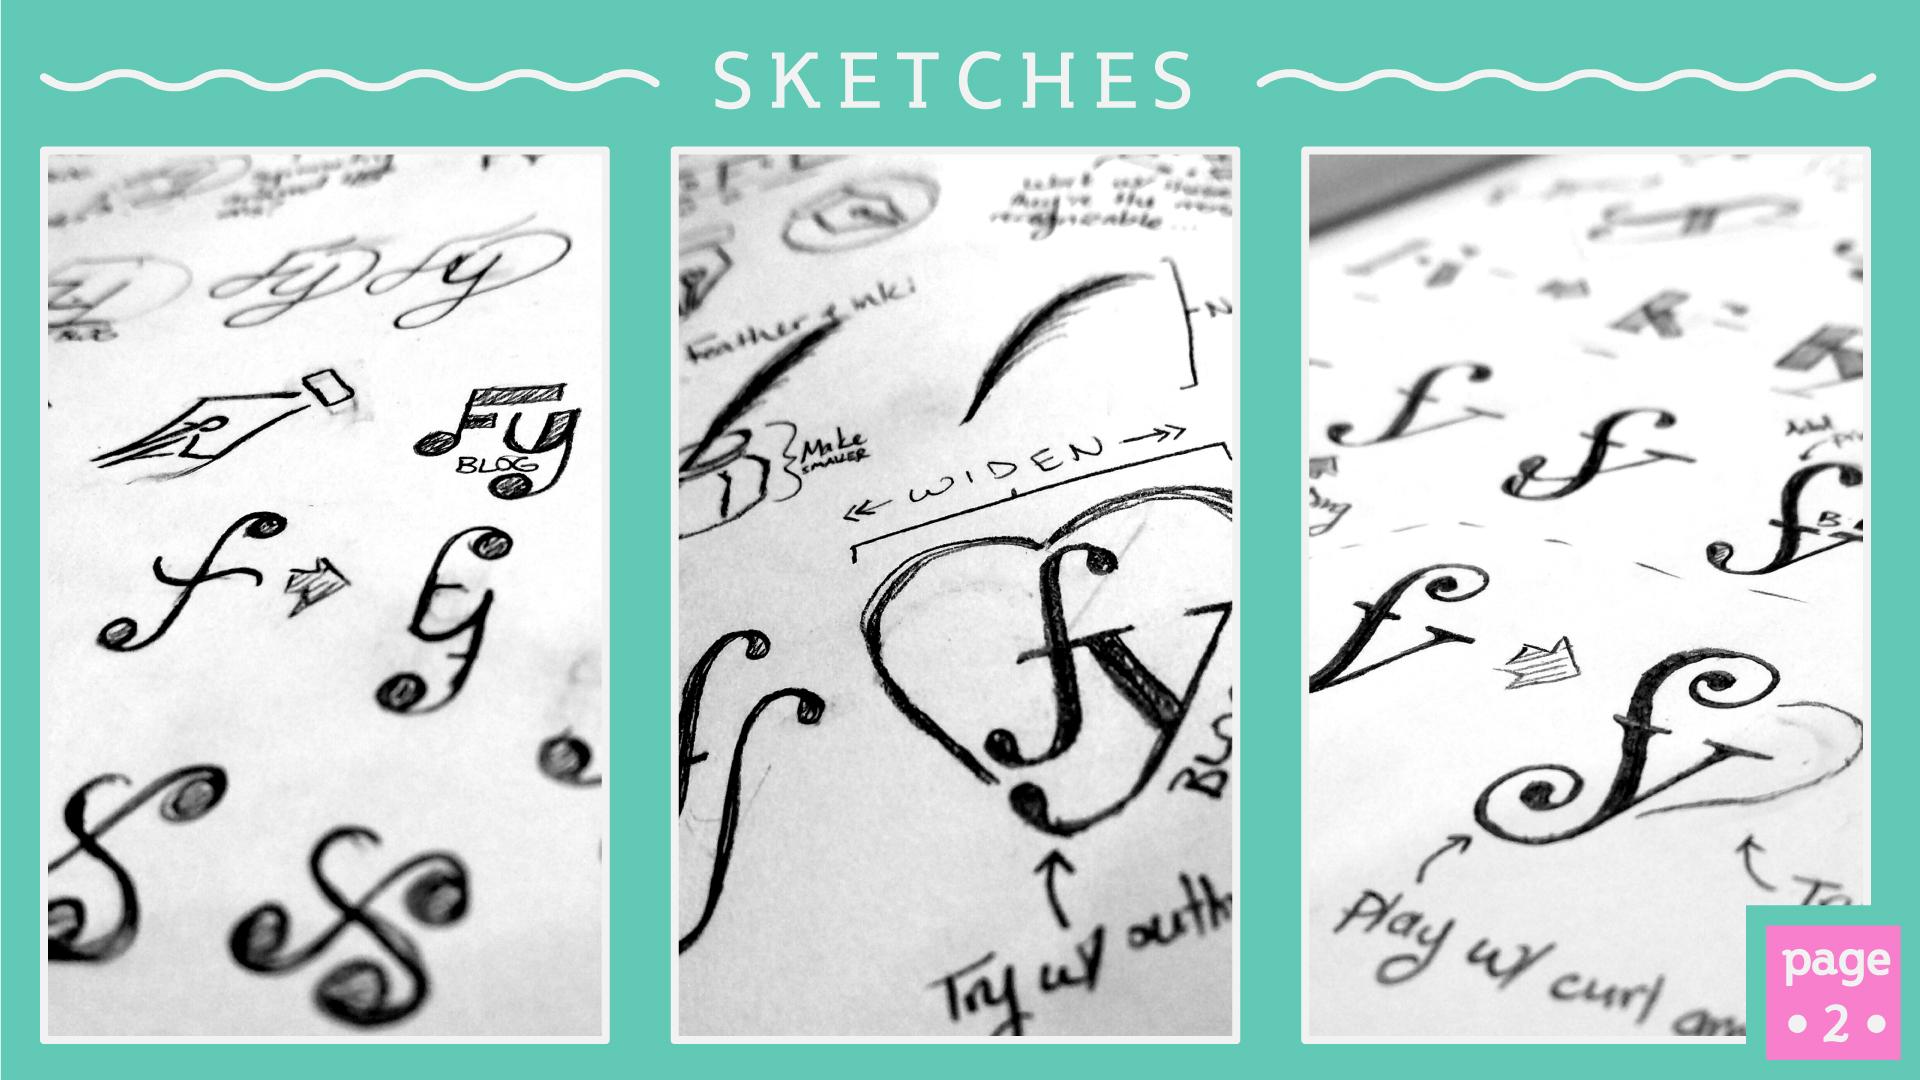 Feefe Yorka Blog Sketches - Studio 1816 Designs